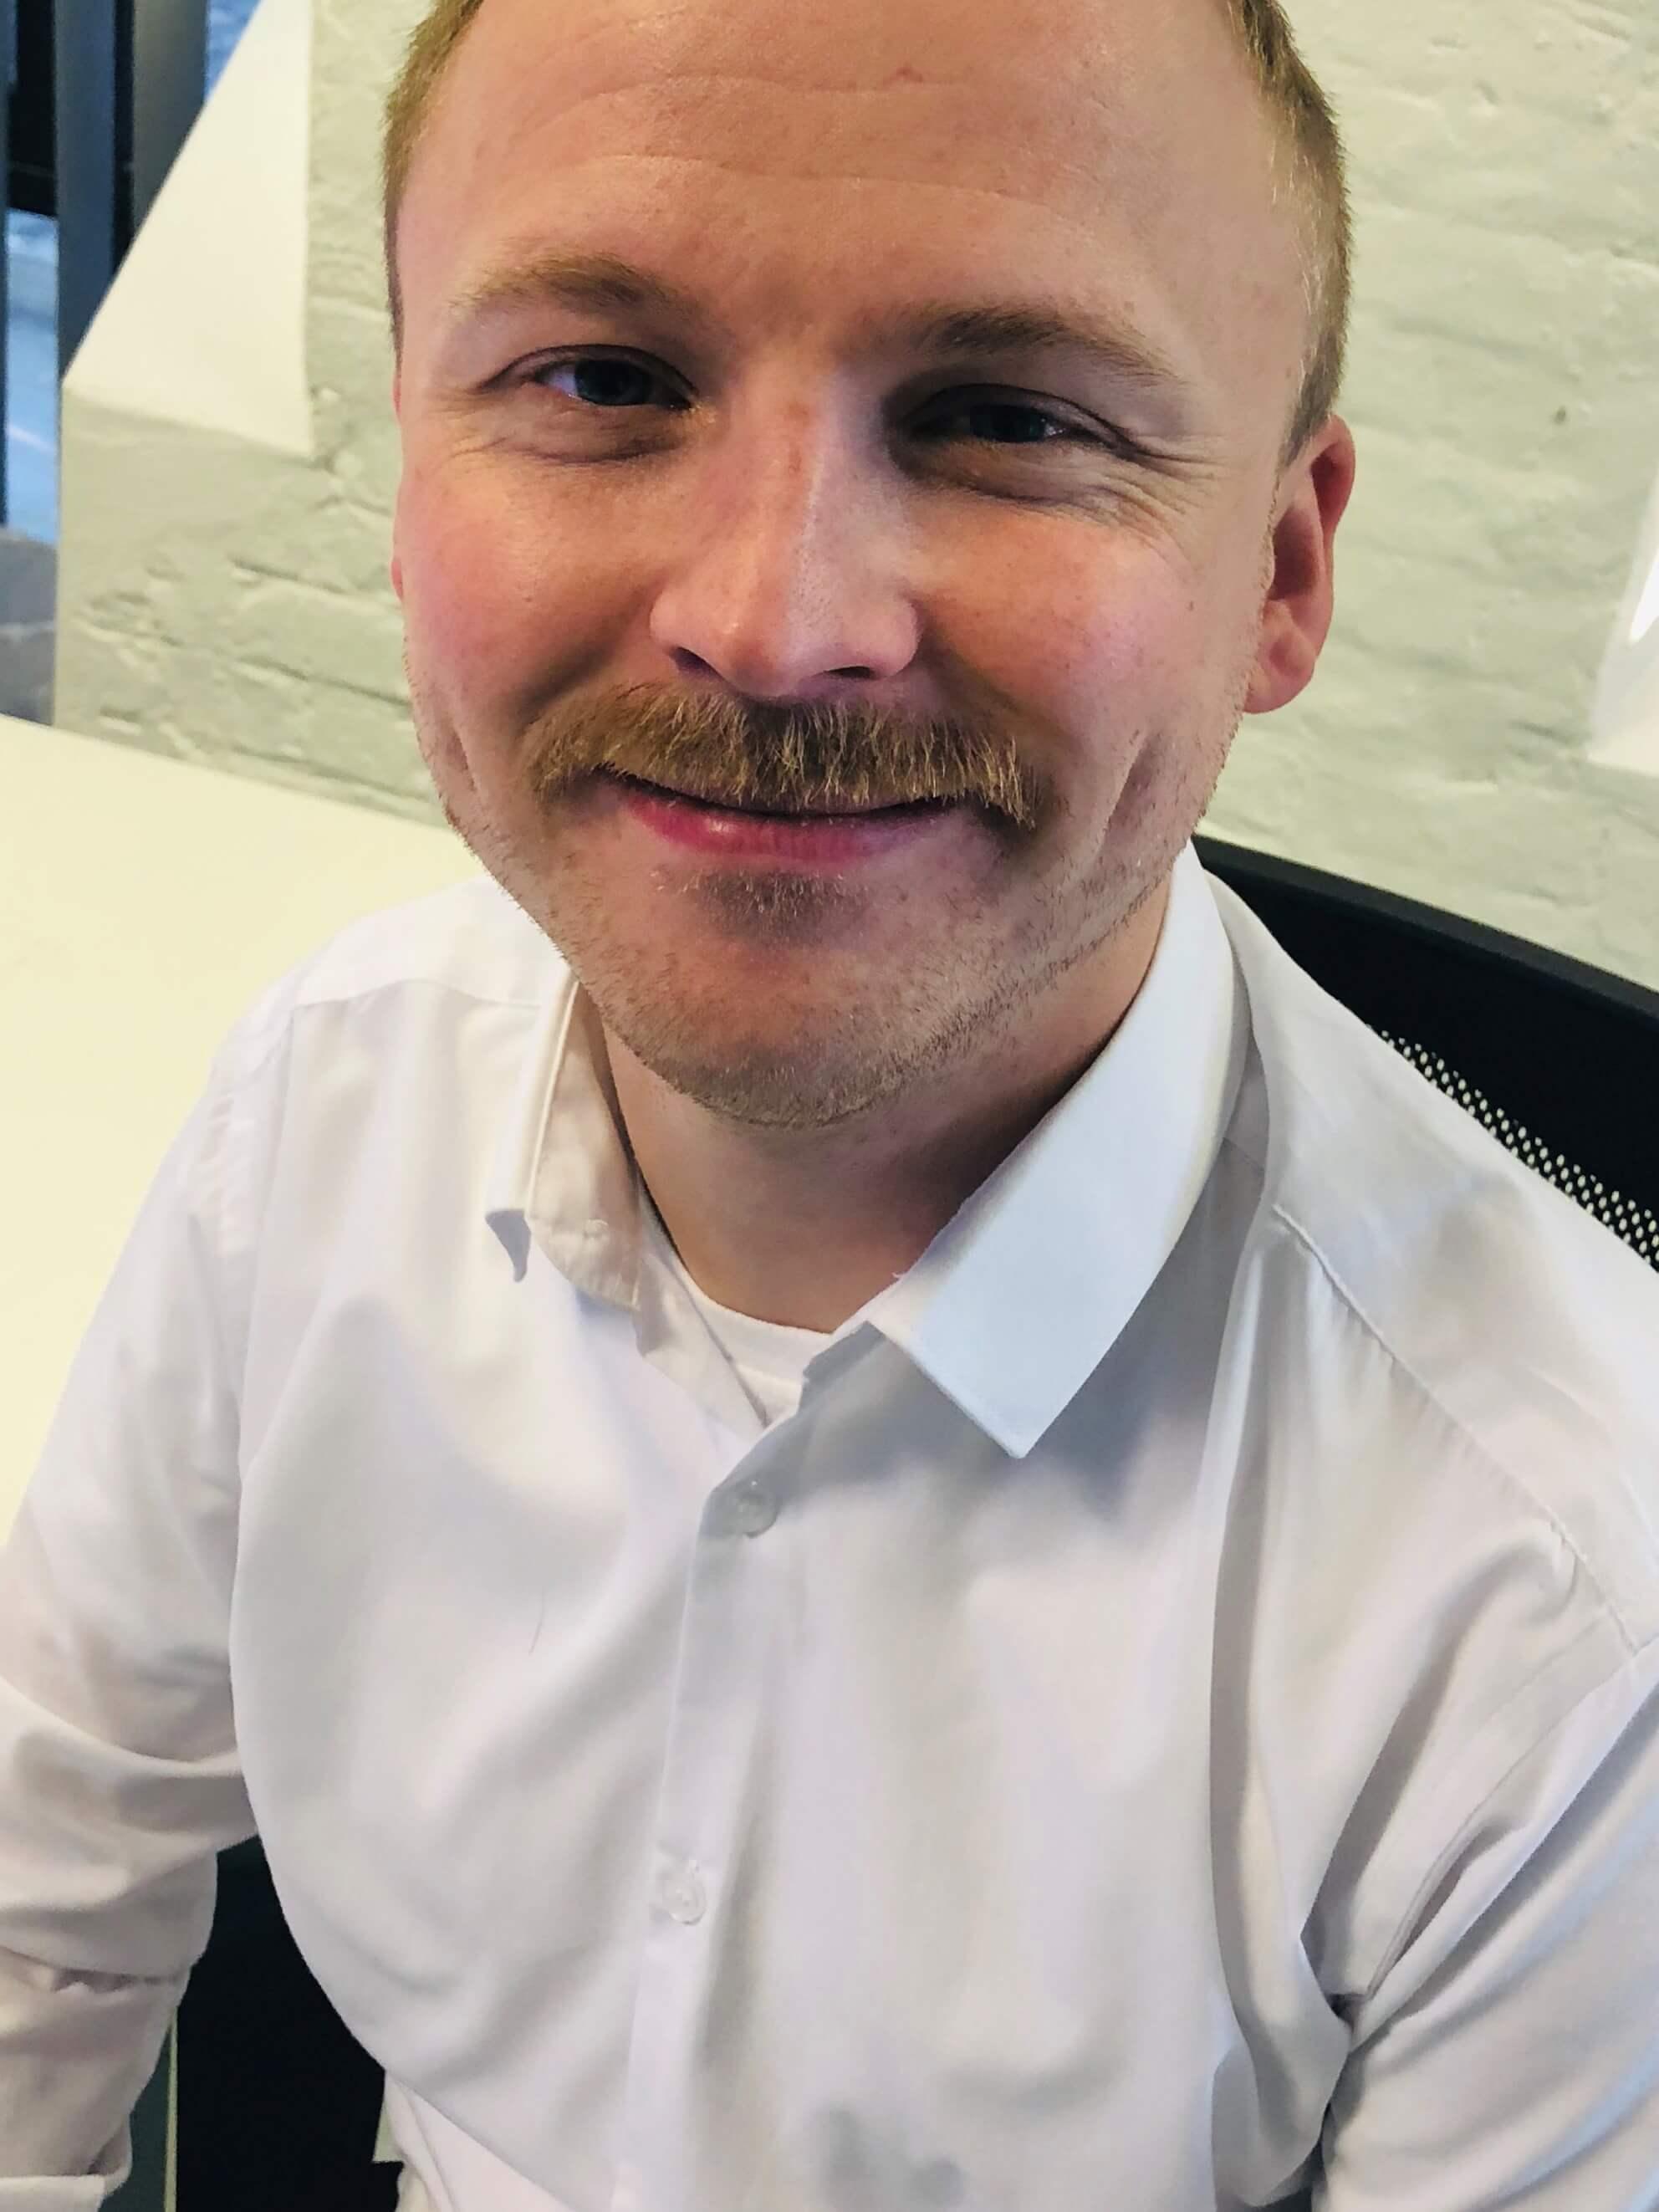 Jon Movember